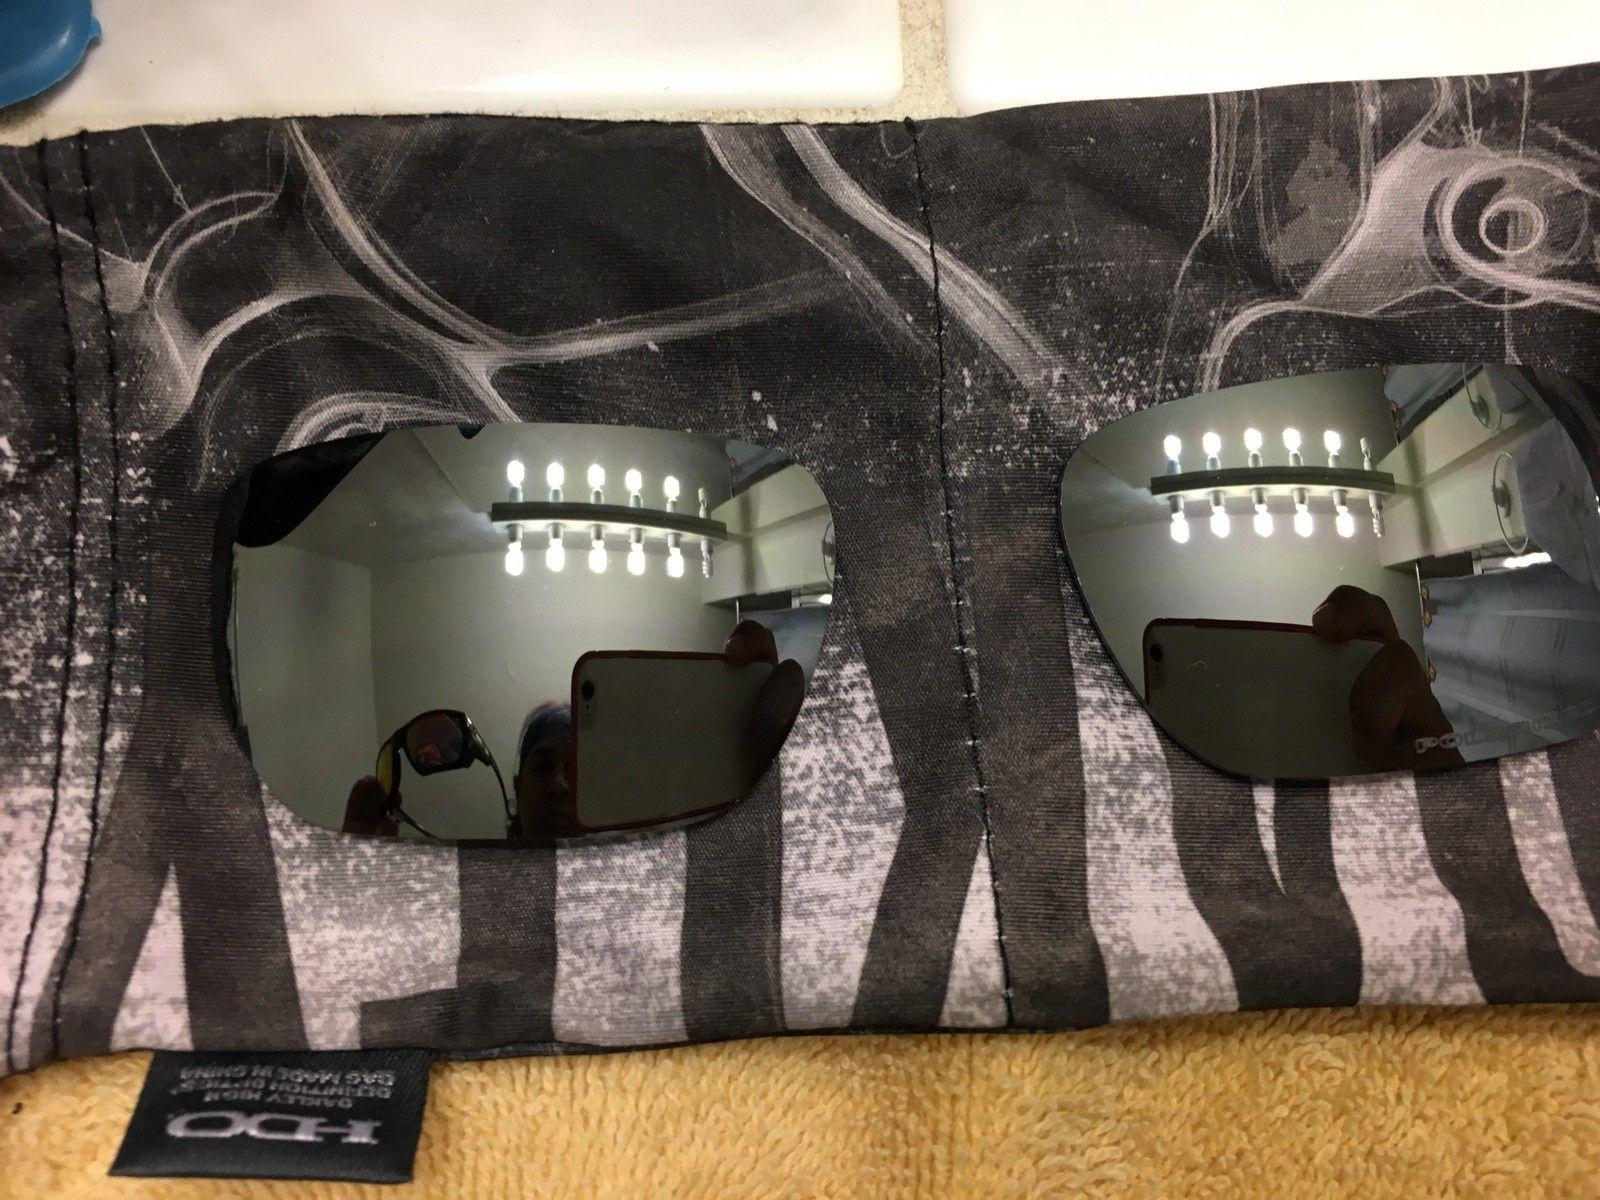 2 Style Switch - Multiple Lenses - get both for $149 - 2015-12-16 23.59.31.jpg